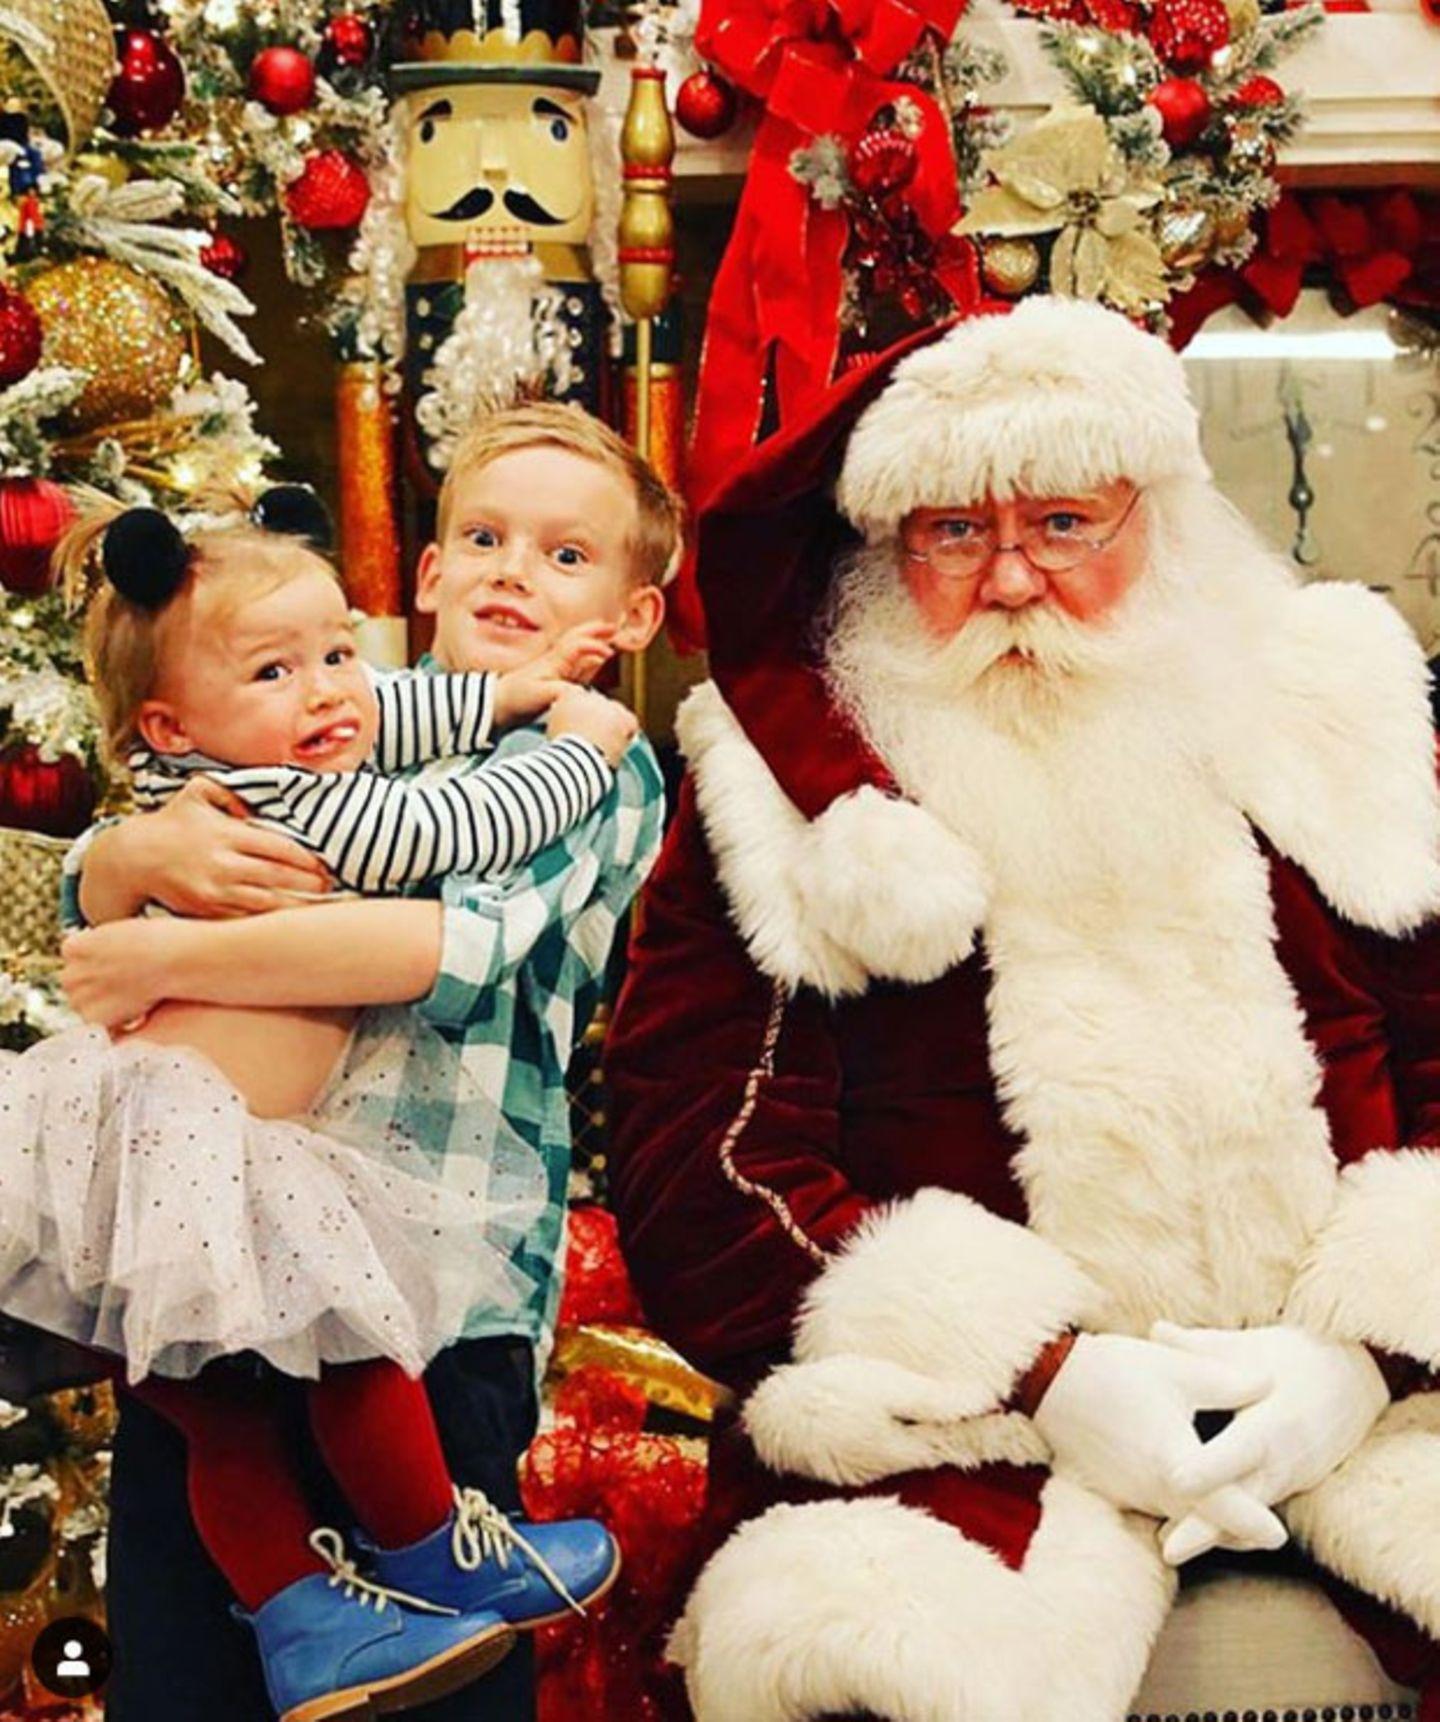 Ups, der Weihnachtsmann ist wohl doch nicht bei allen beliebt.Luca, der Sohn von Sängerin Hilary Duff, hat alle Hände voll zu tun, seine kleine Schwester bei Laune zu halten.